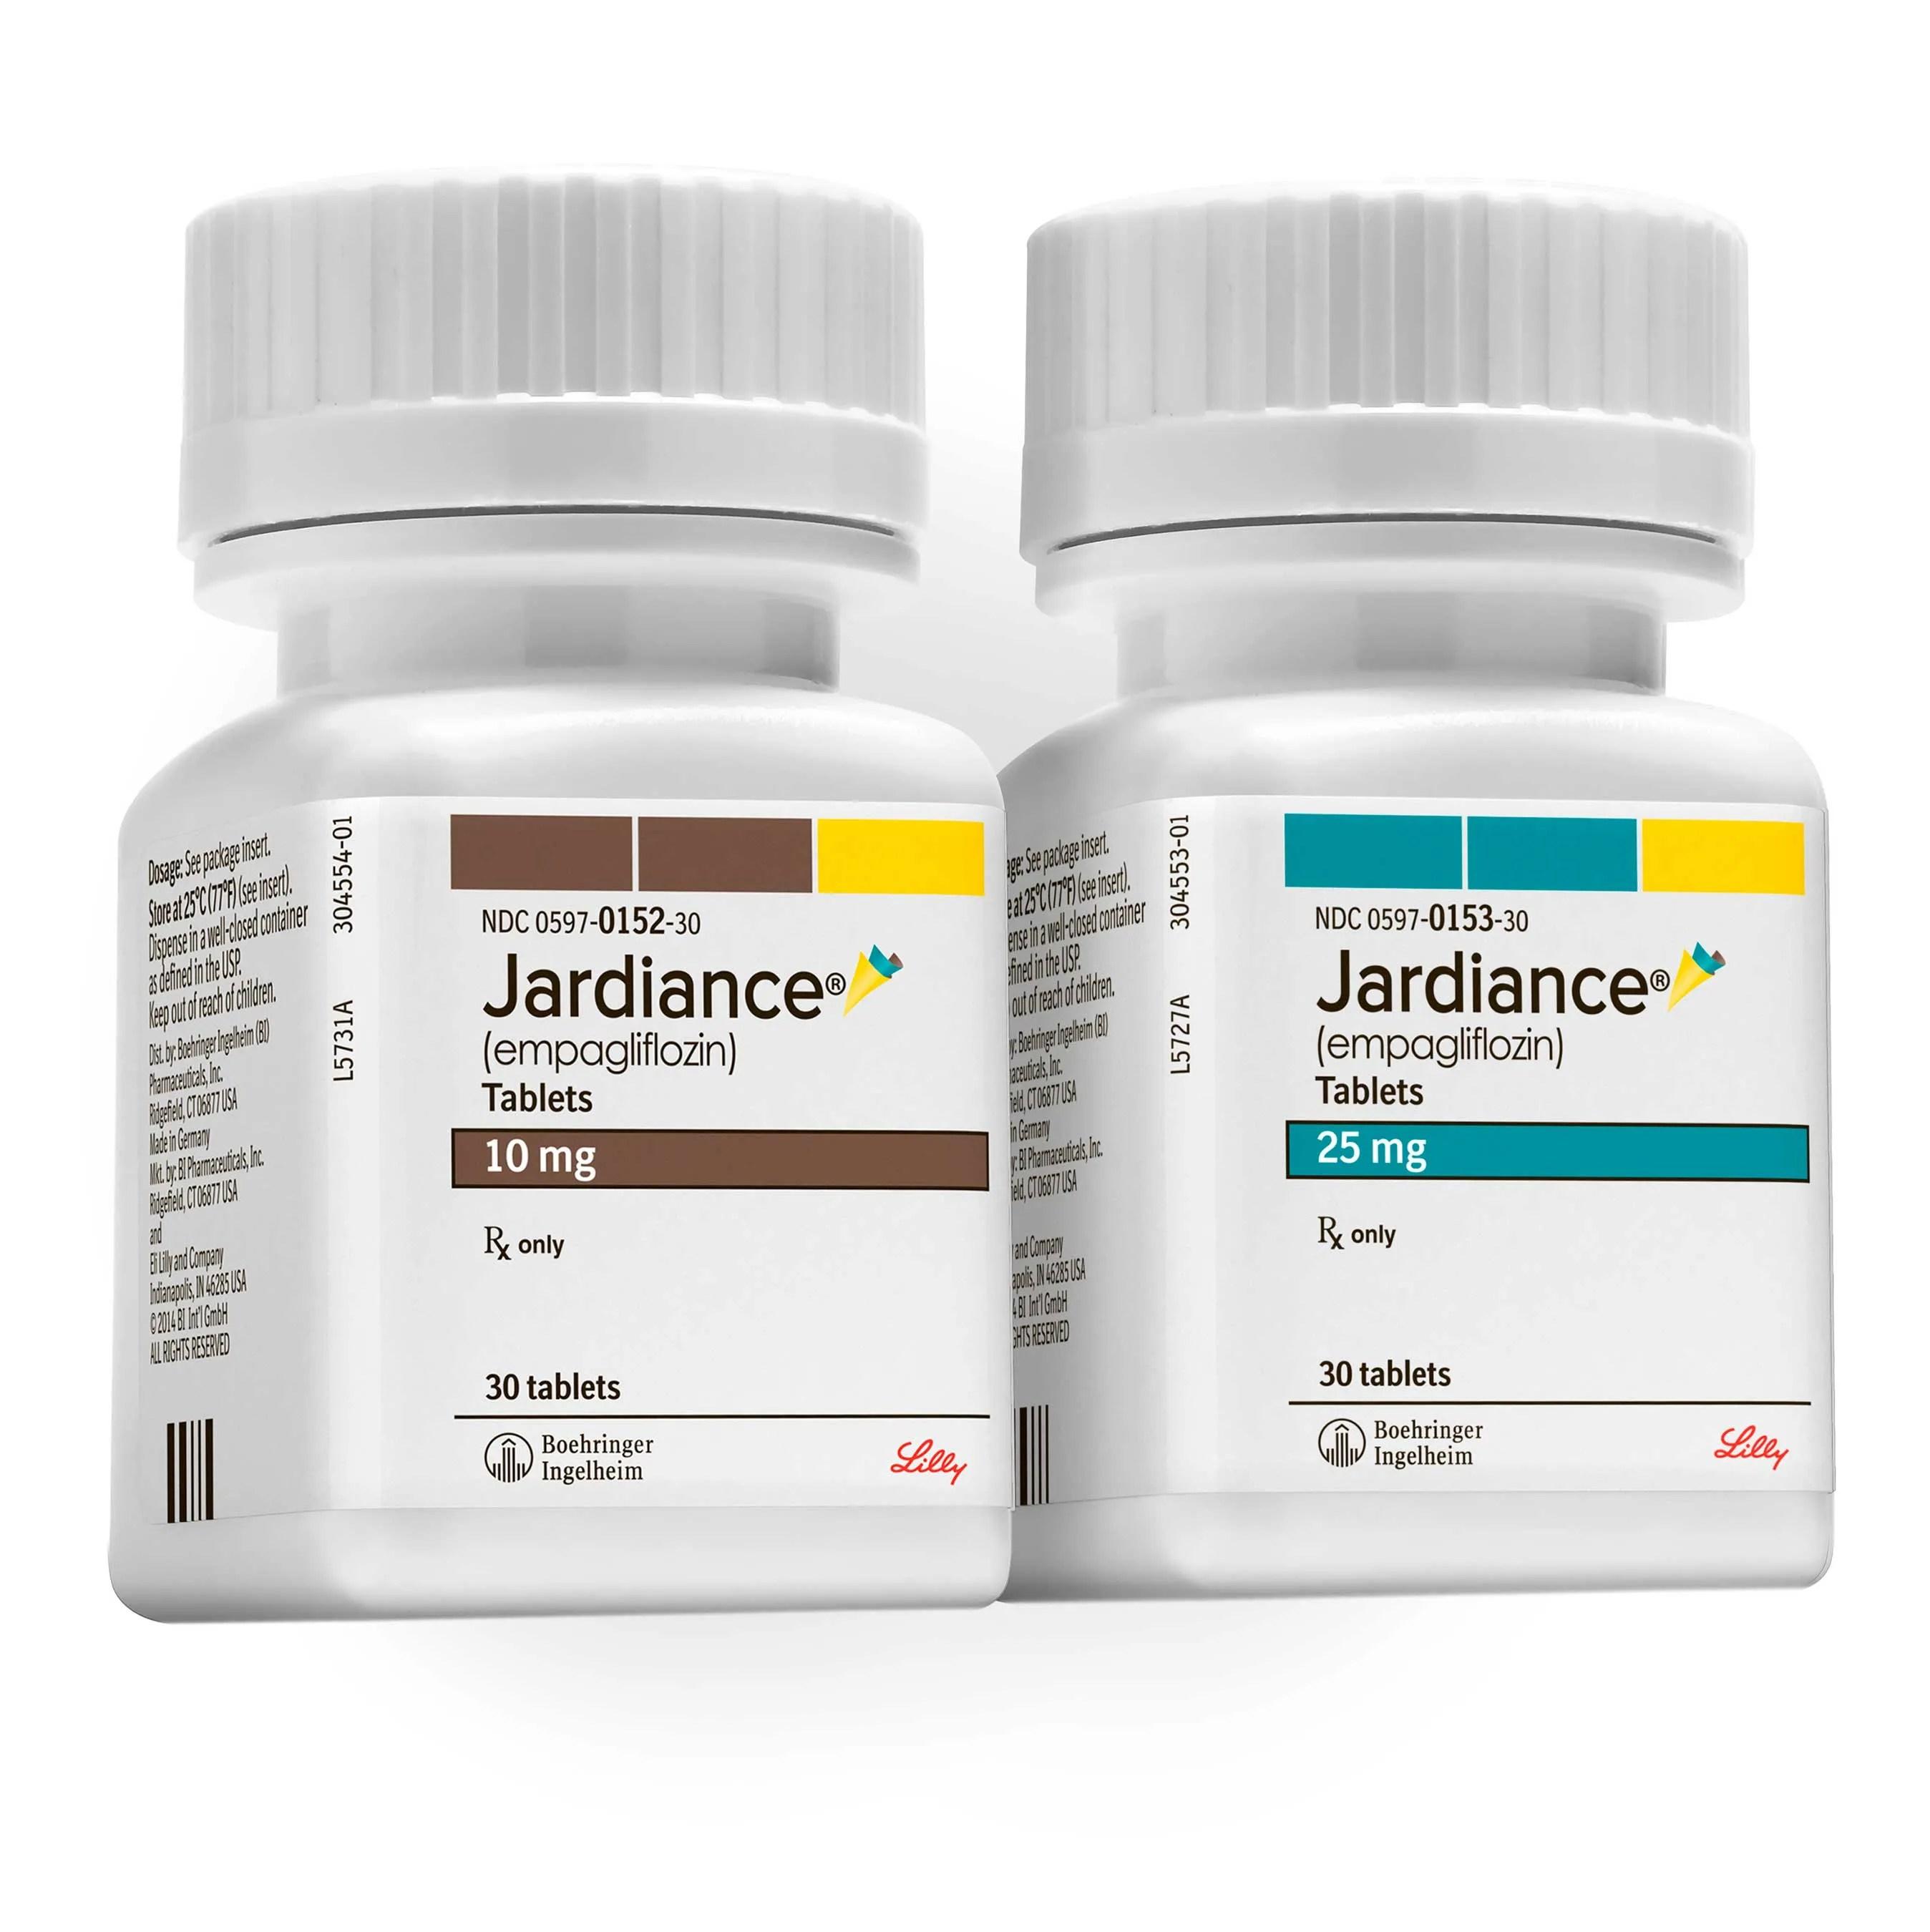 Image result for jardiance